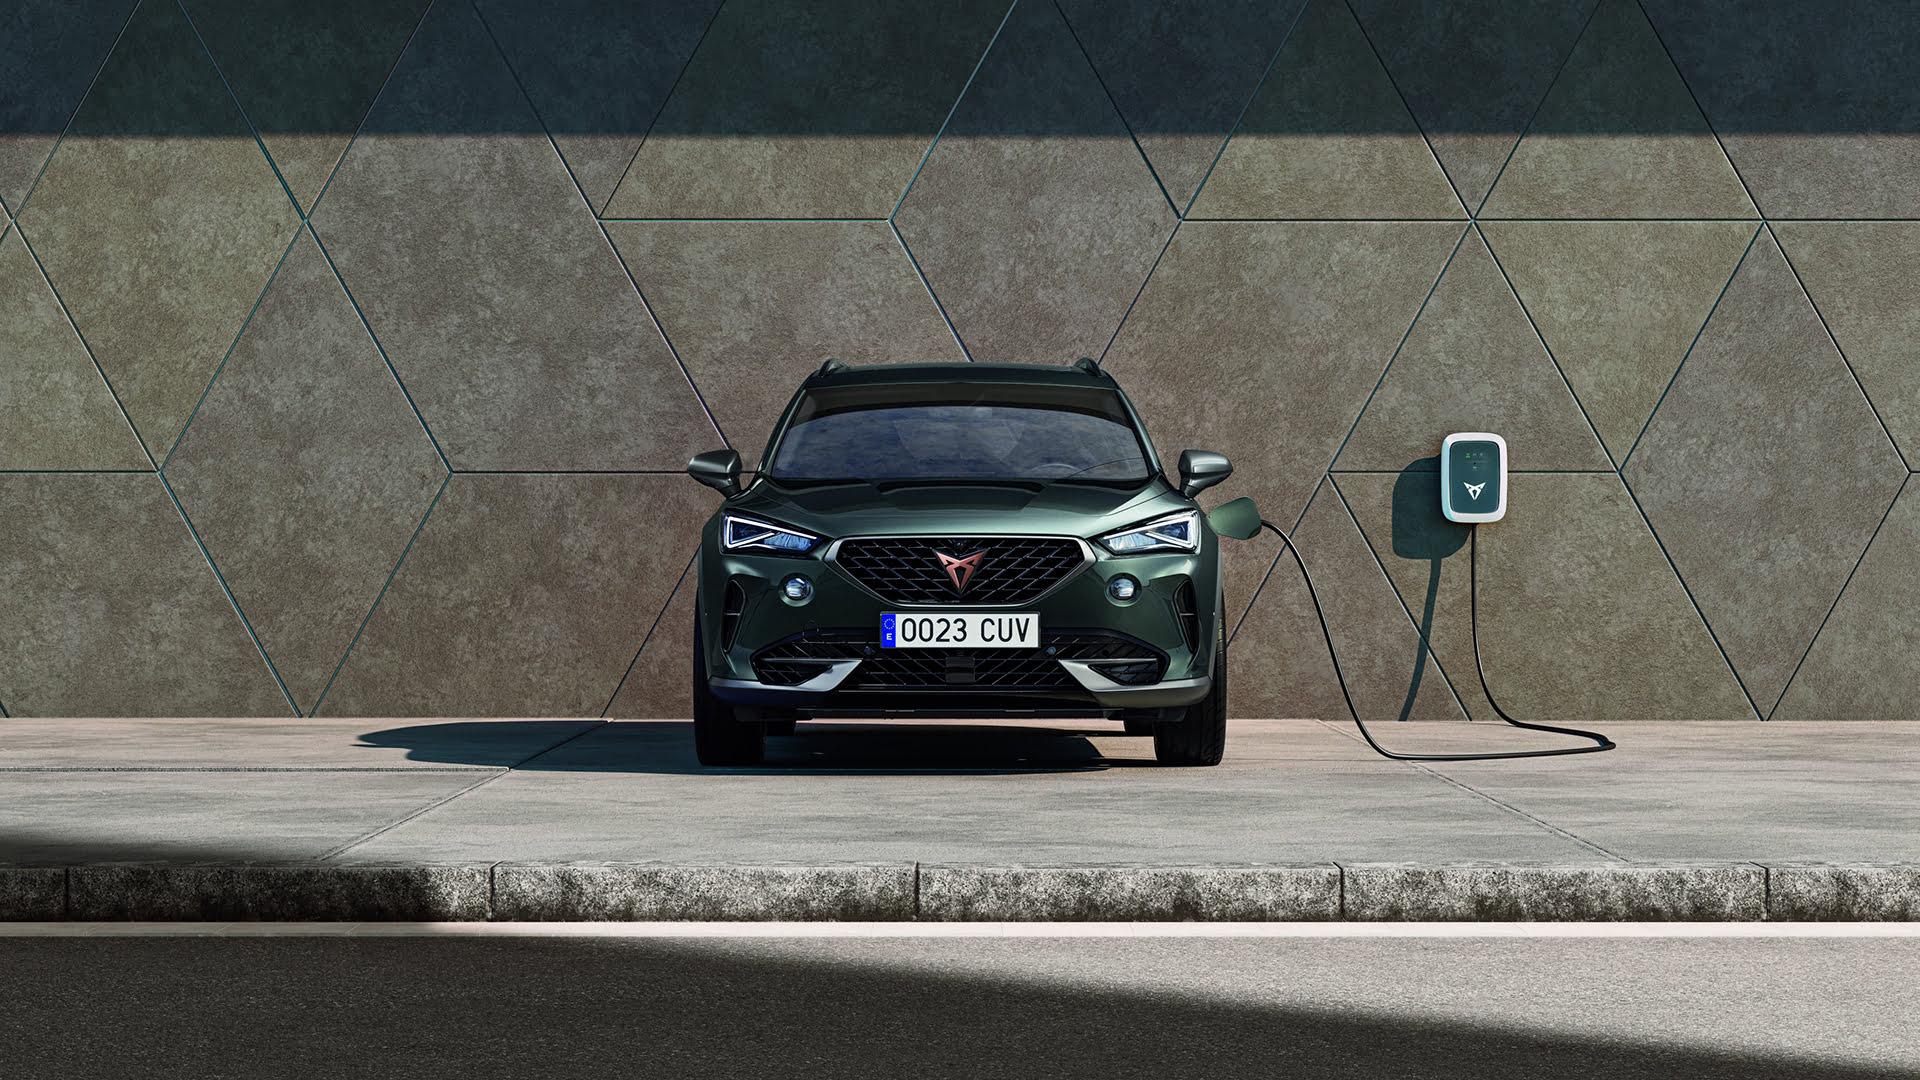 El Cupra Formentor VZ e-Hybrid ya está a la venta en nuestro mercado.